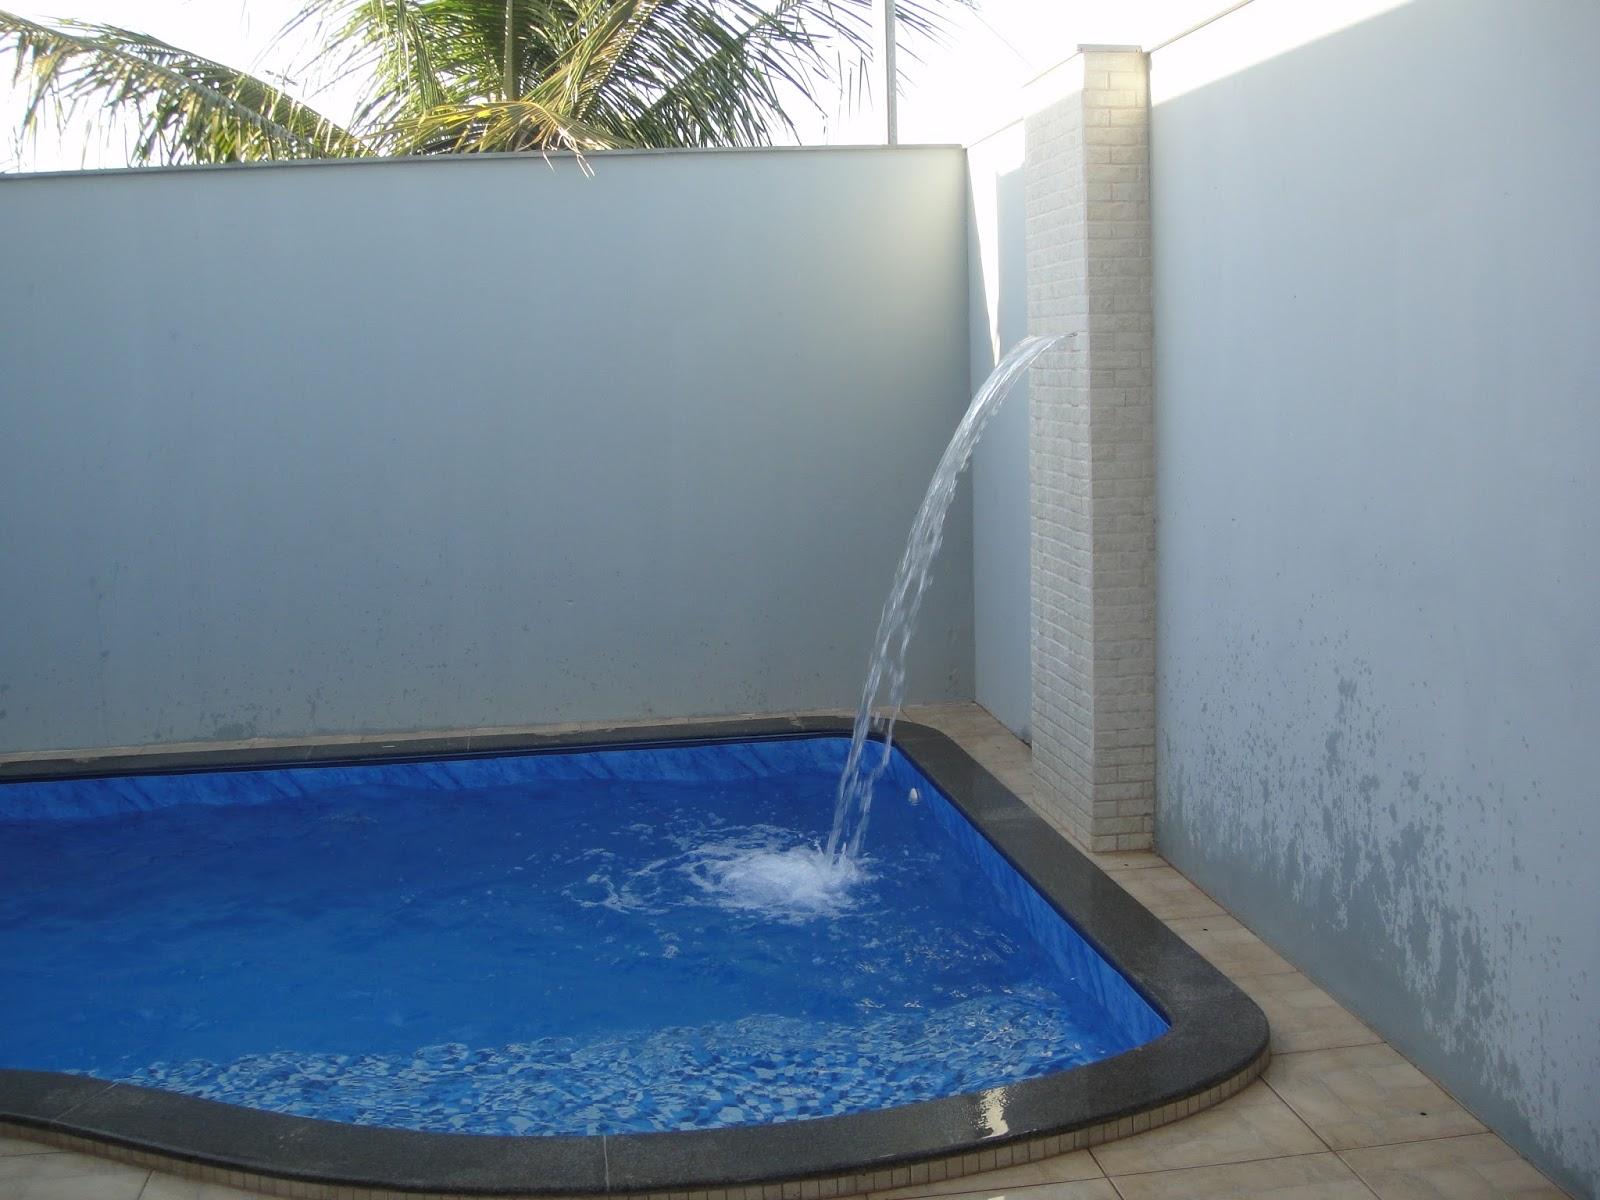 Realizando um sonho nossa casa minha piscina for W piscinas